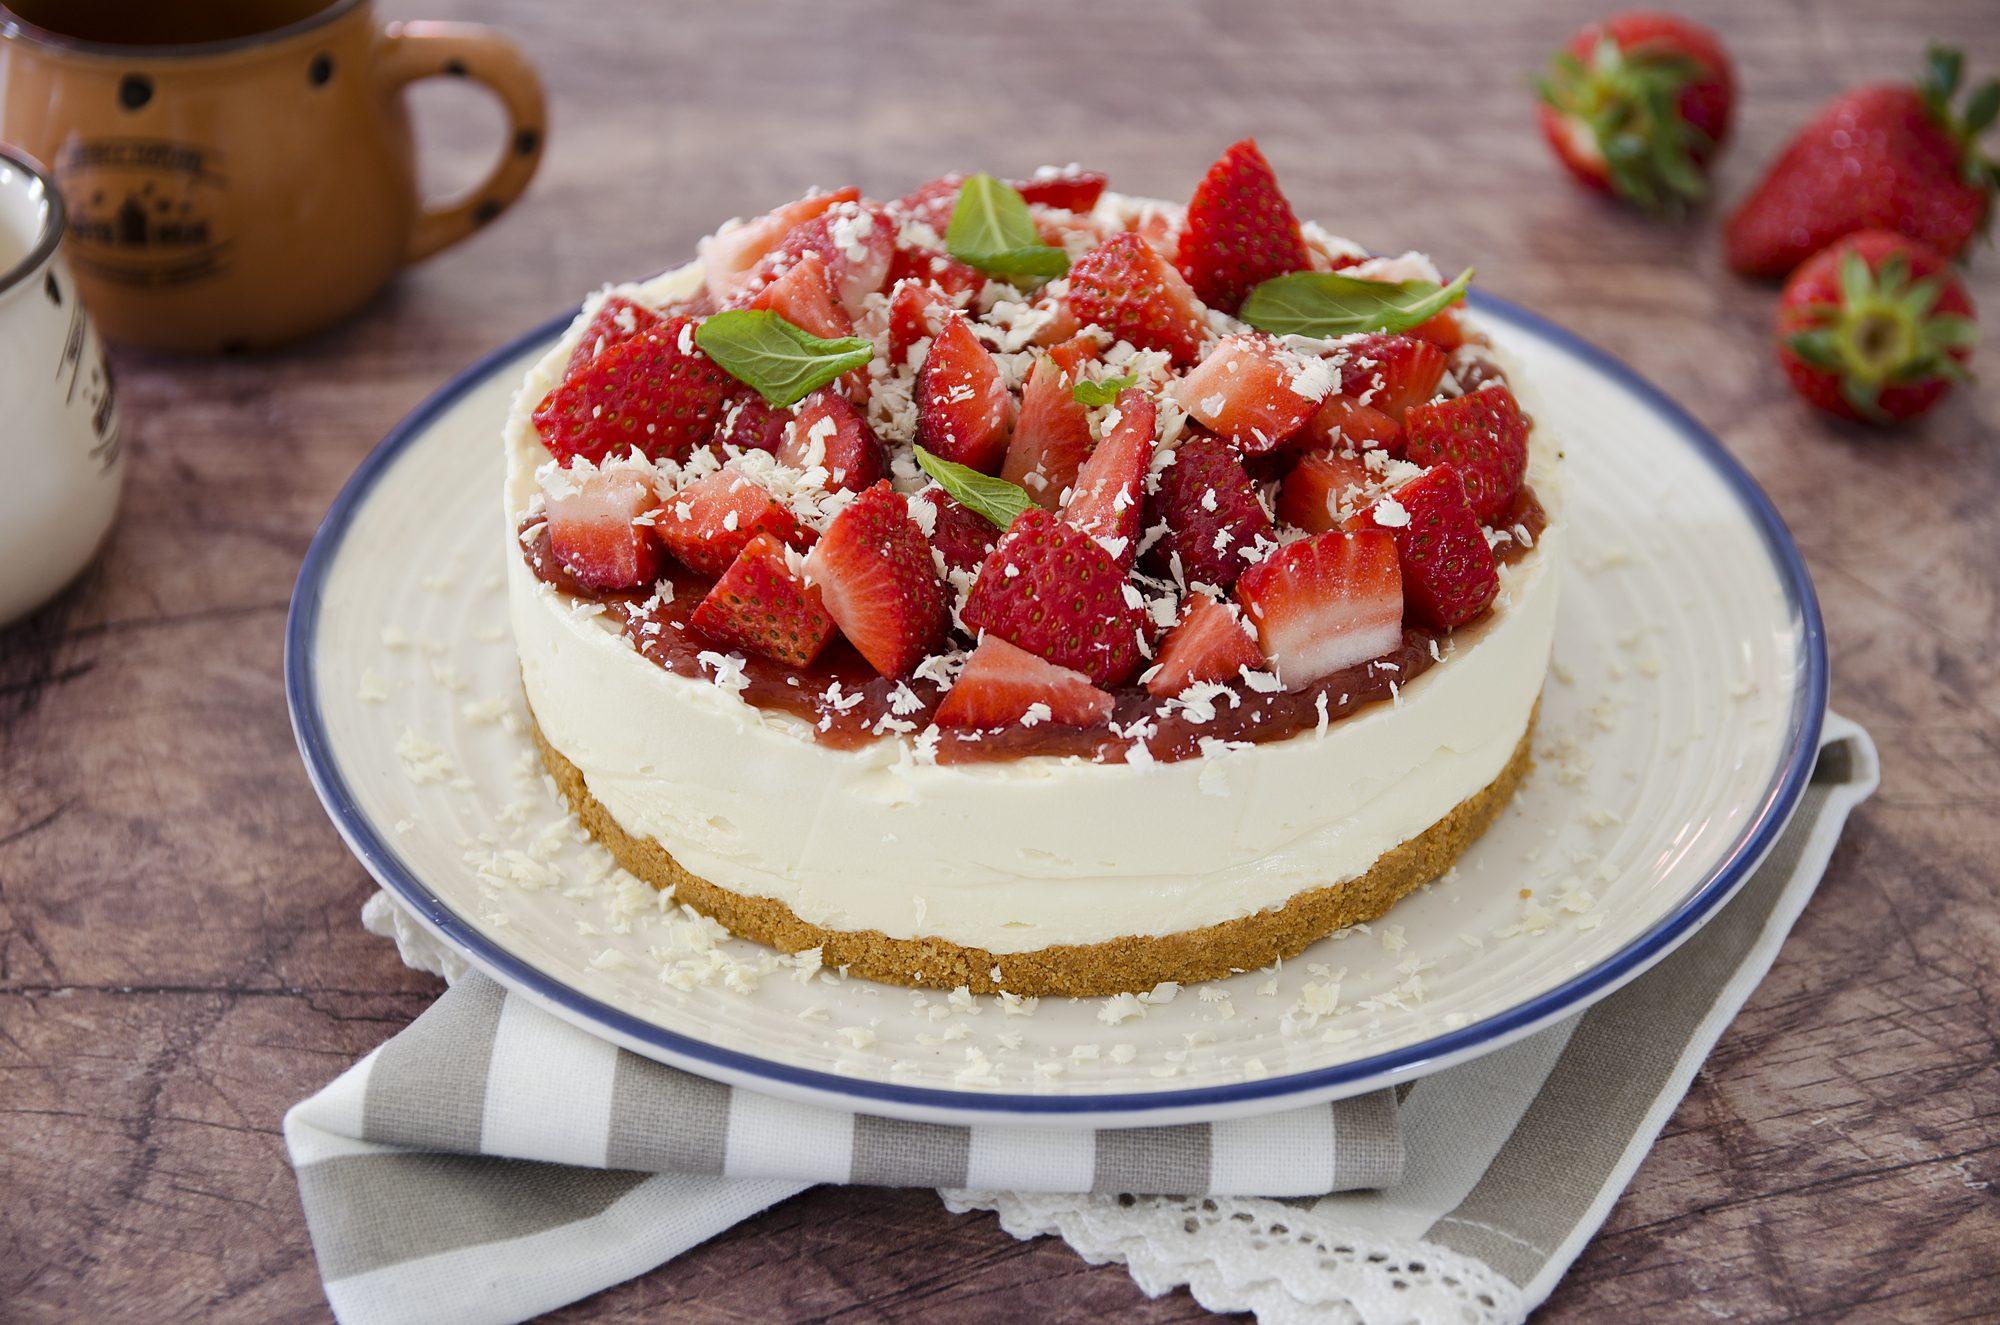 Cheesecake fragole e cioccolato bianco: la ricetta della torta golosa senza cottura